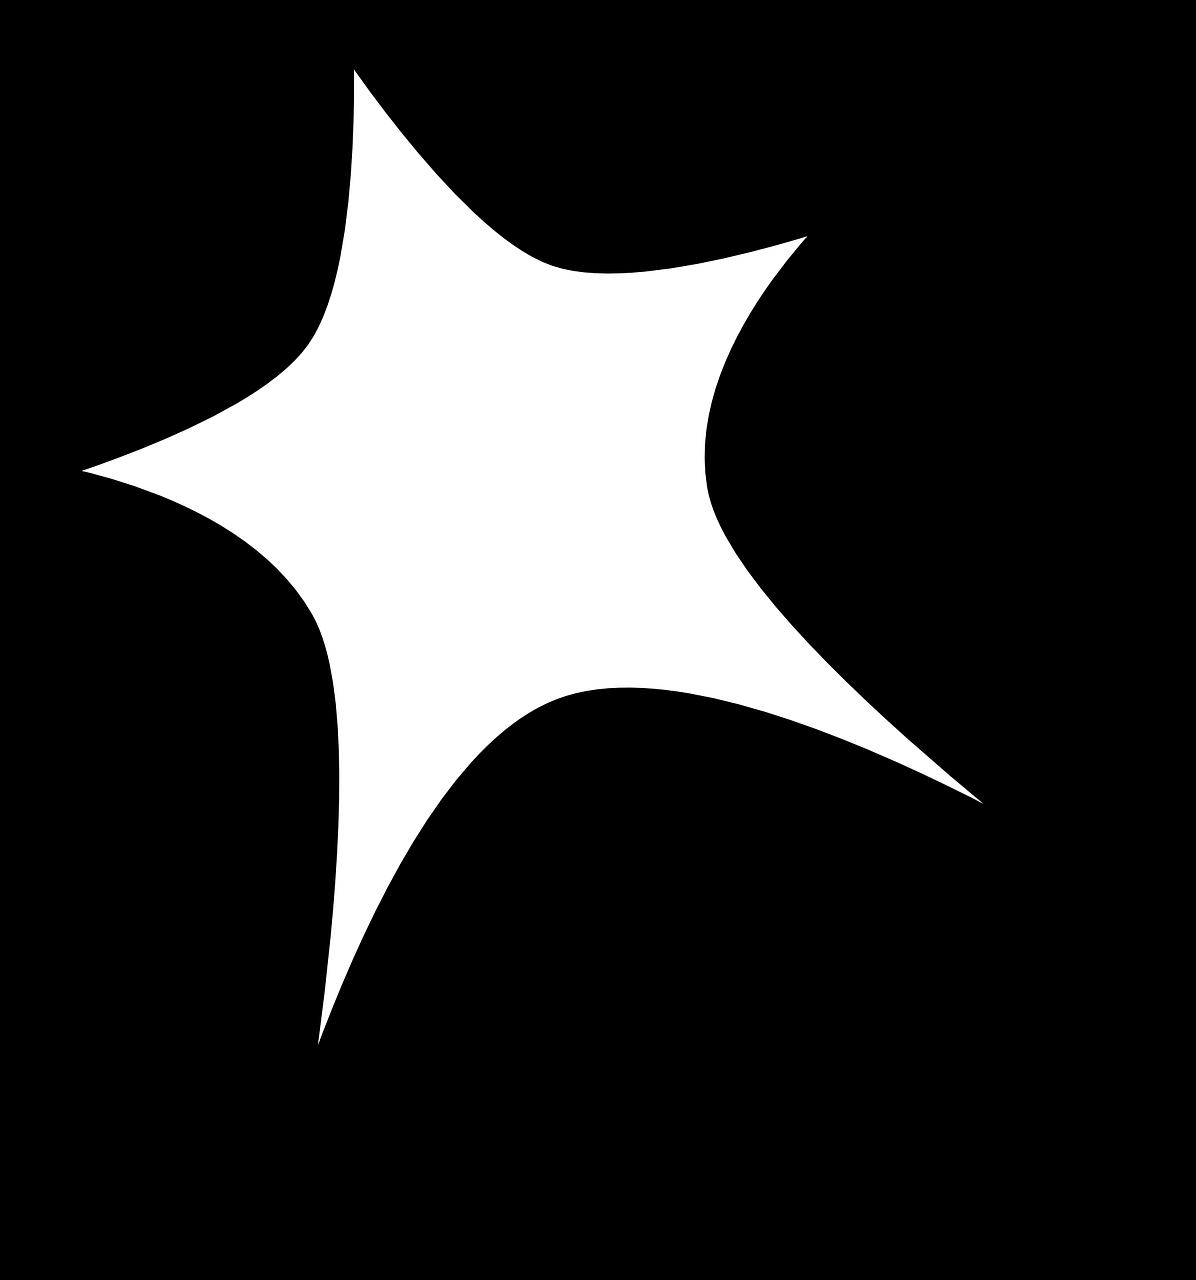 днях звезды раскраска на прозрачном фоне обладают высокими токами